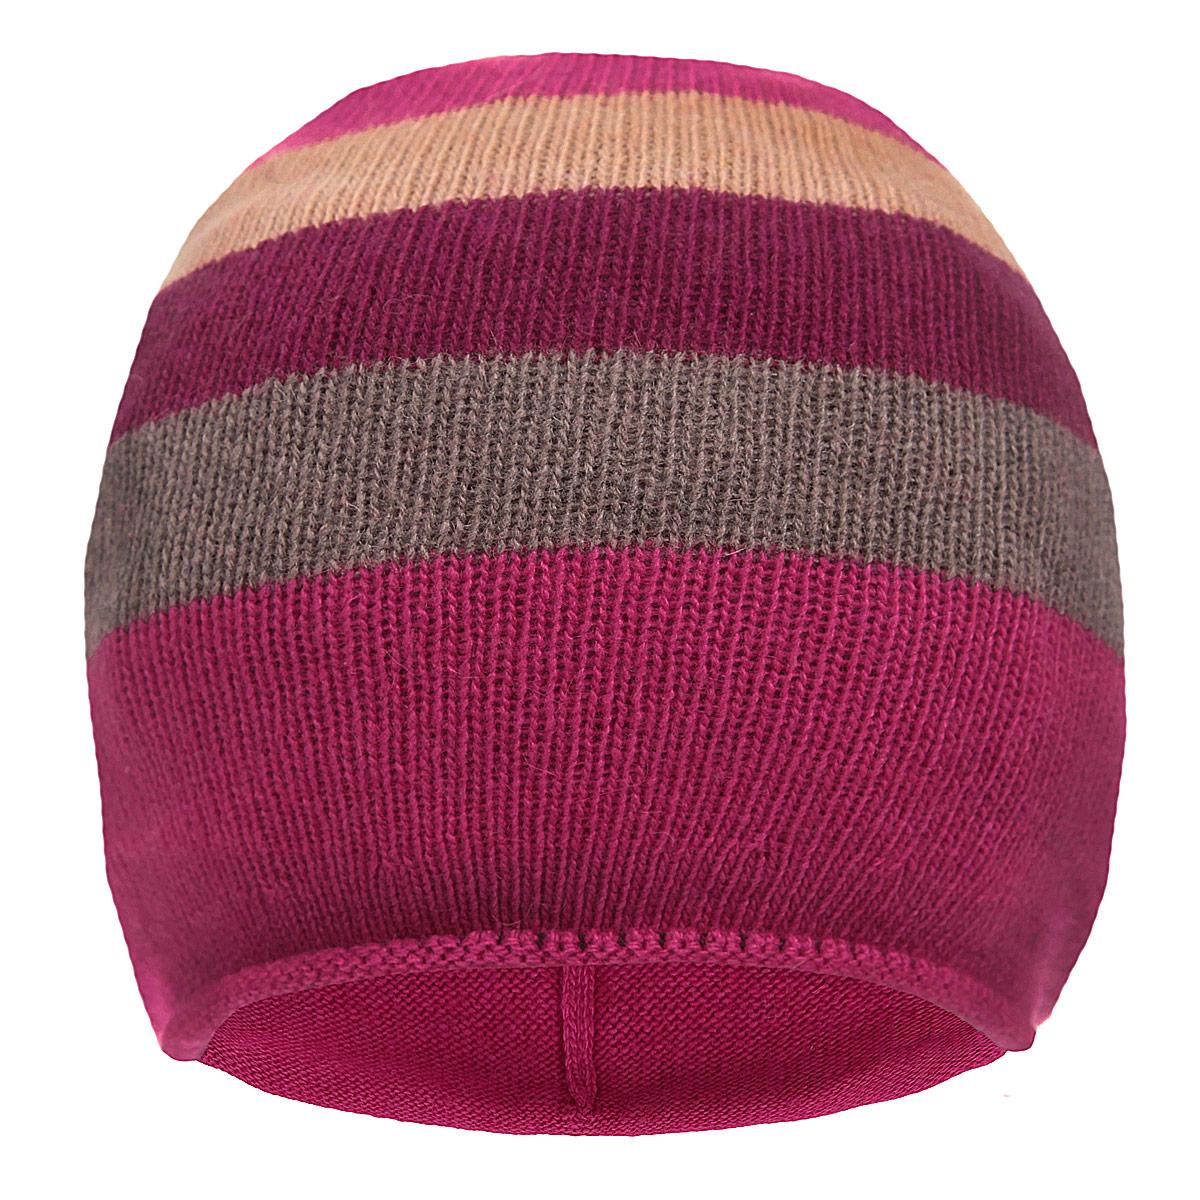 Шапка3443290Стильная женская шапка Canoe Melanie отлично дополнит ваш образ в холодную погоду. Сочетание шерсти, кашемира и вискозы максимально сохраняет тепло и обеспечивает удобную посадку. Удлиненная шапка оформлена стильными полосками. Такая расцветка позволит вам комбинировать ее с любыми нарядами. Оригинальная модель комфортна и приятна на ощупь, она великолепно подчеркнет ваш вкус. Такая шапка станет отличным дополнением к вашему осеннему или зимнему гардеробу, в ней вам будет уютно и тепло!